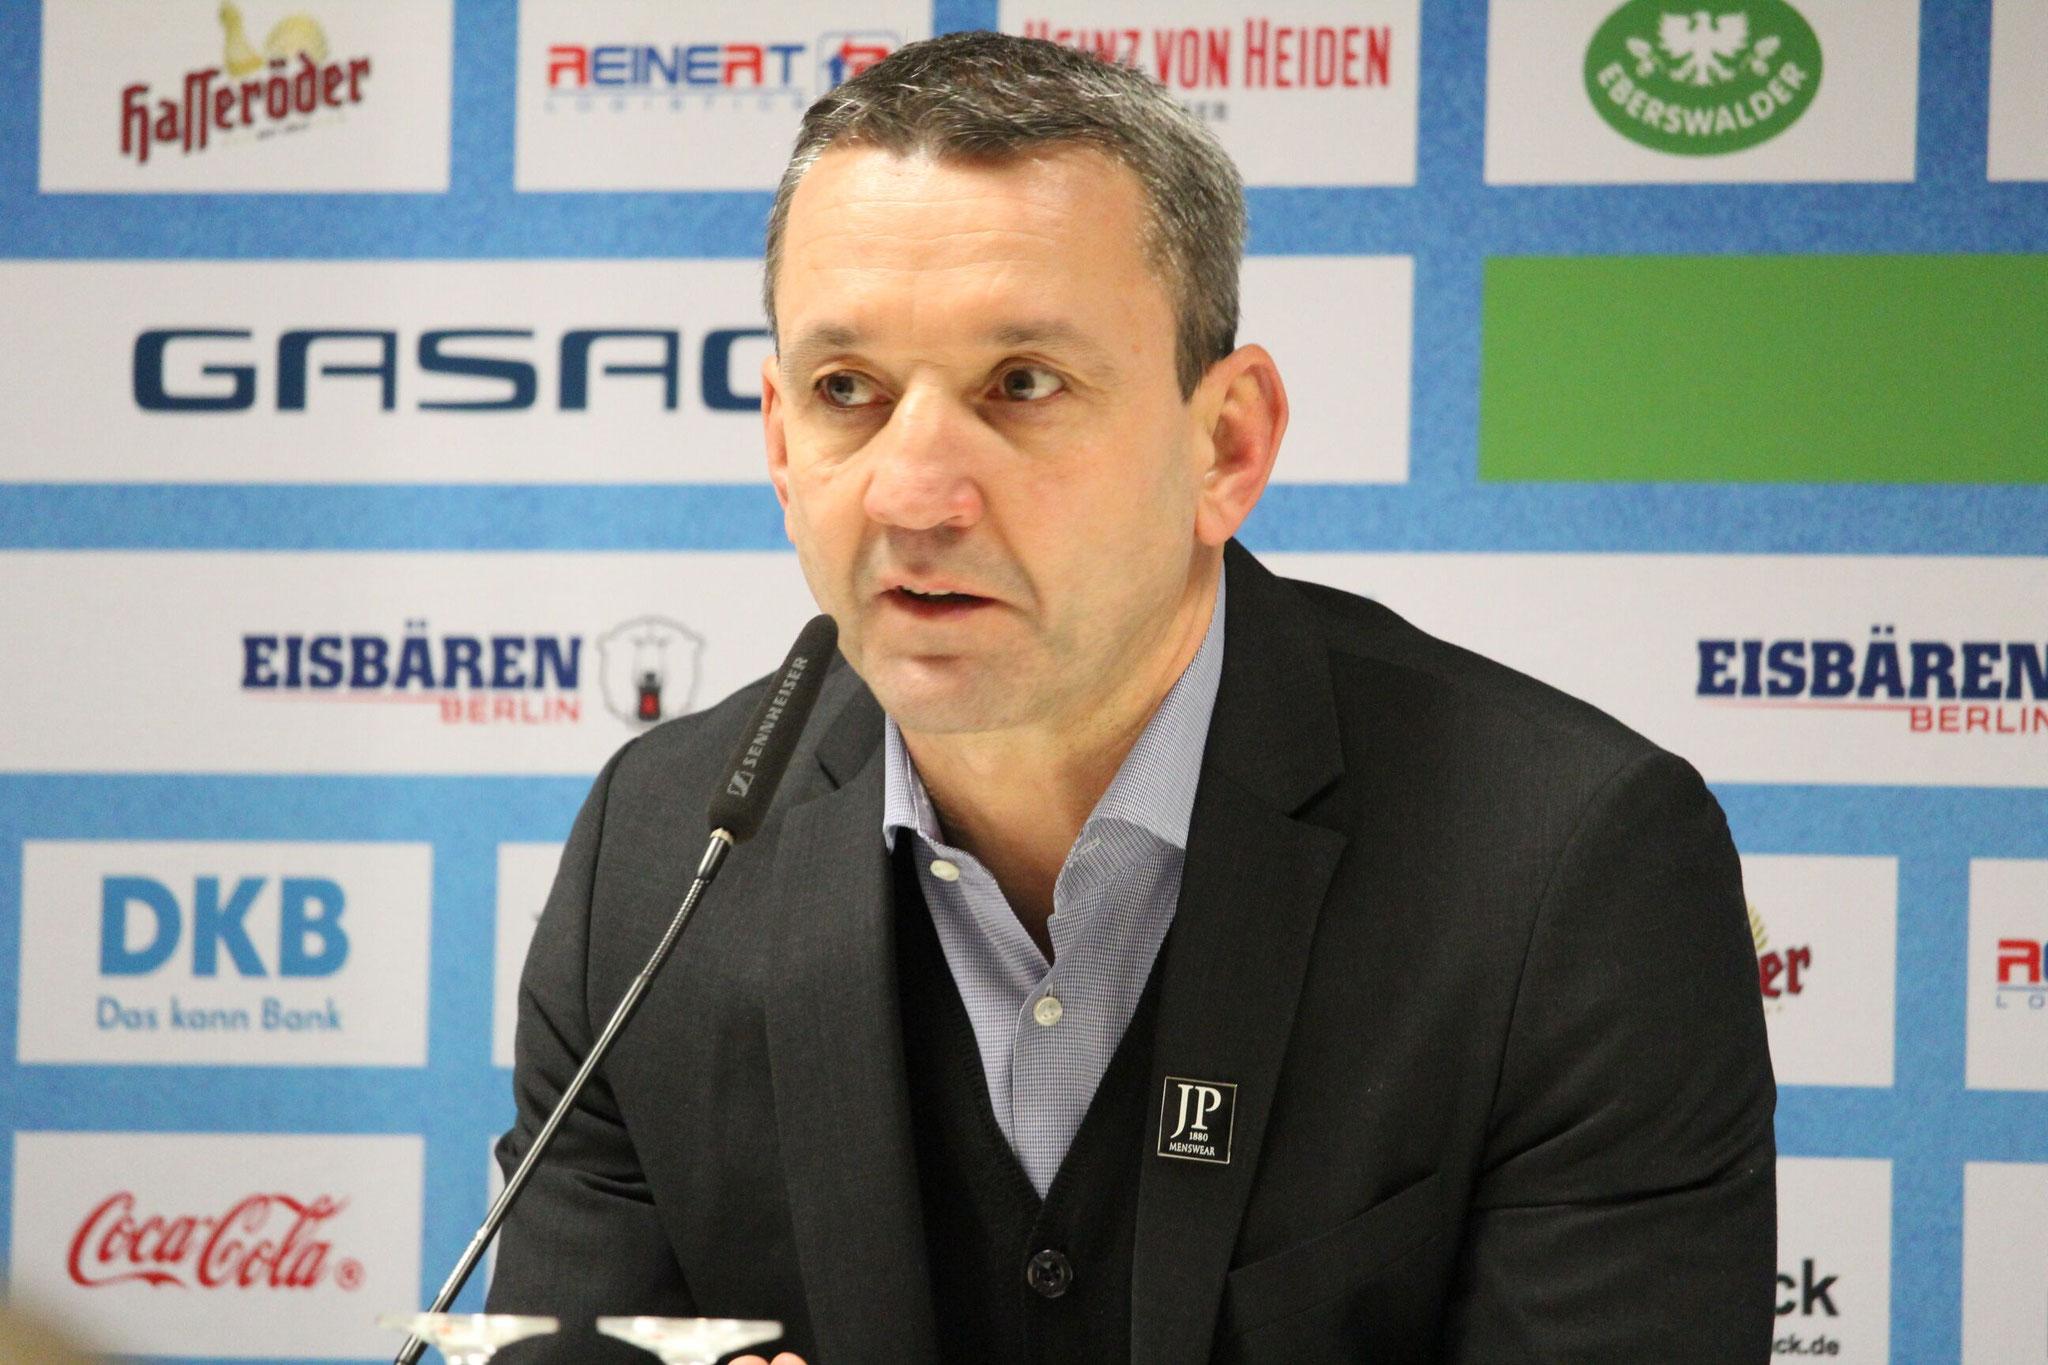 Bremerhavens Trainer Thomas Popiesch in der Pressekonferenz nach dem Spiel. Foto: Stefan Wenske